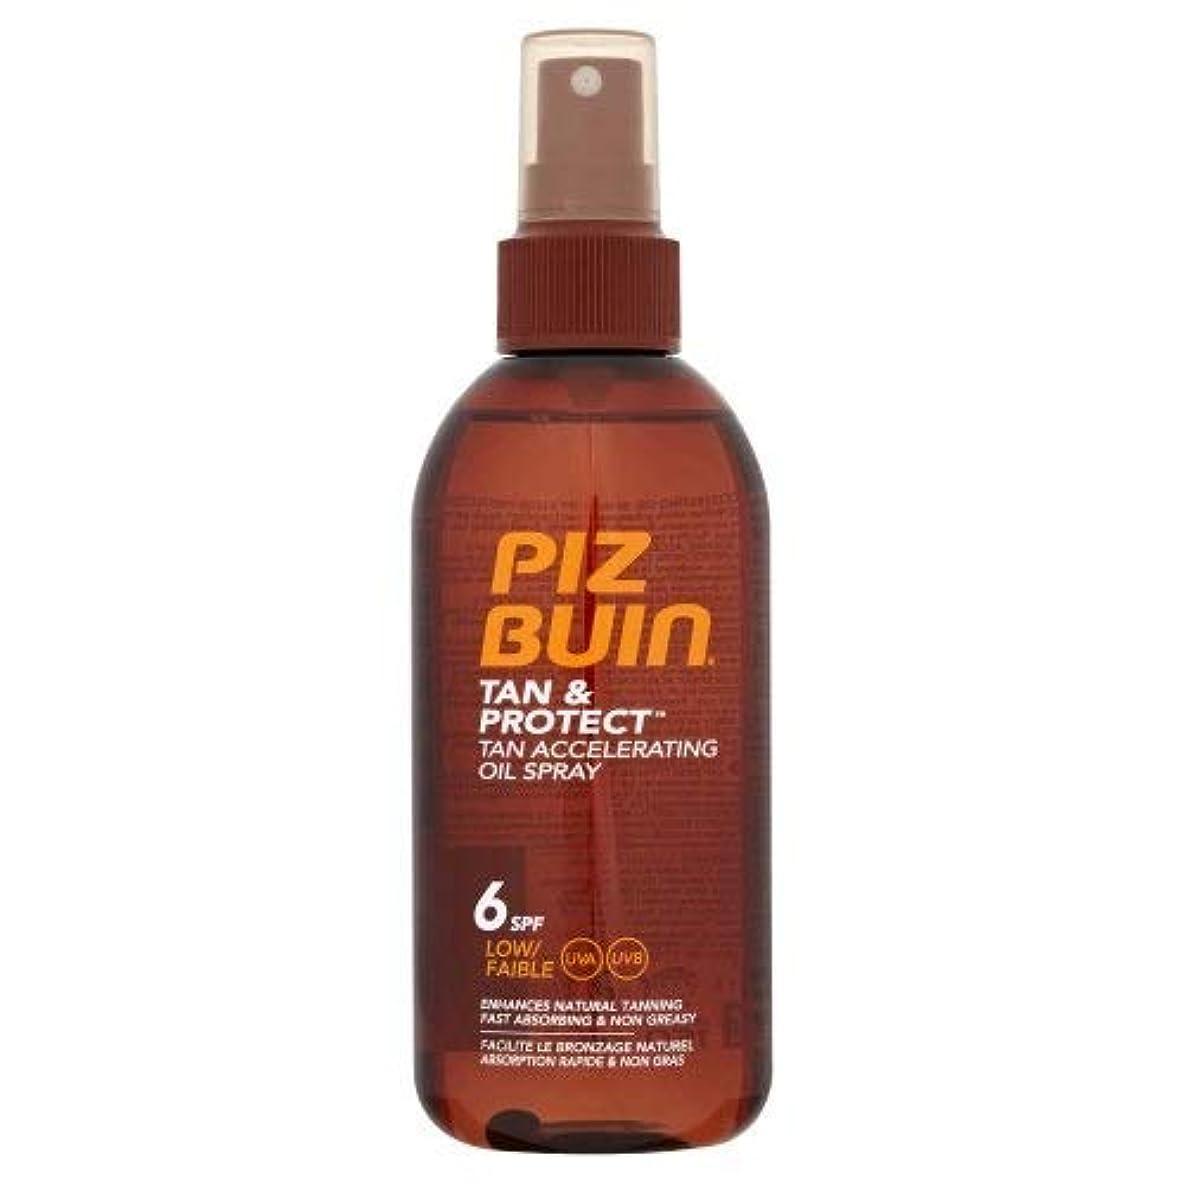 行歪める風味Piz Buin - ピッツブーインTAN&PROTECT SPF6オイルスプレー150ミリリットル - 【並行輸入品】